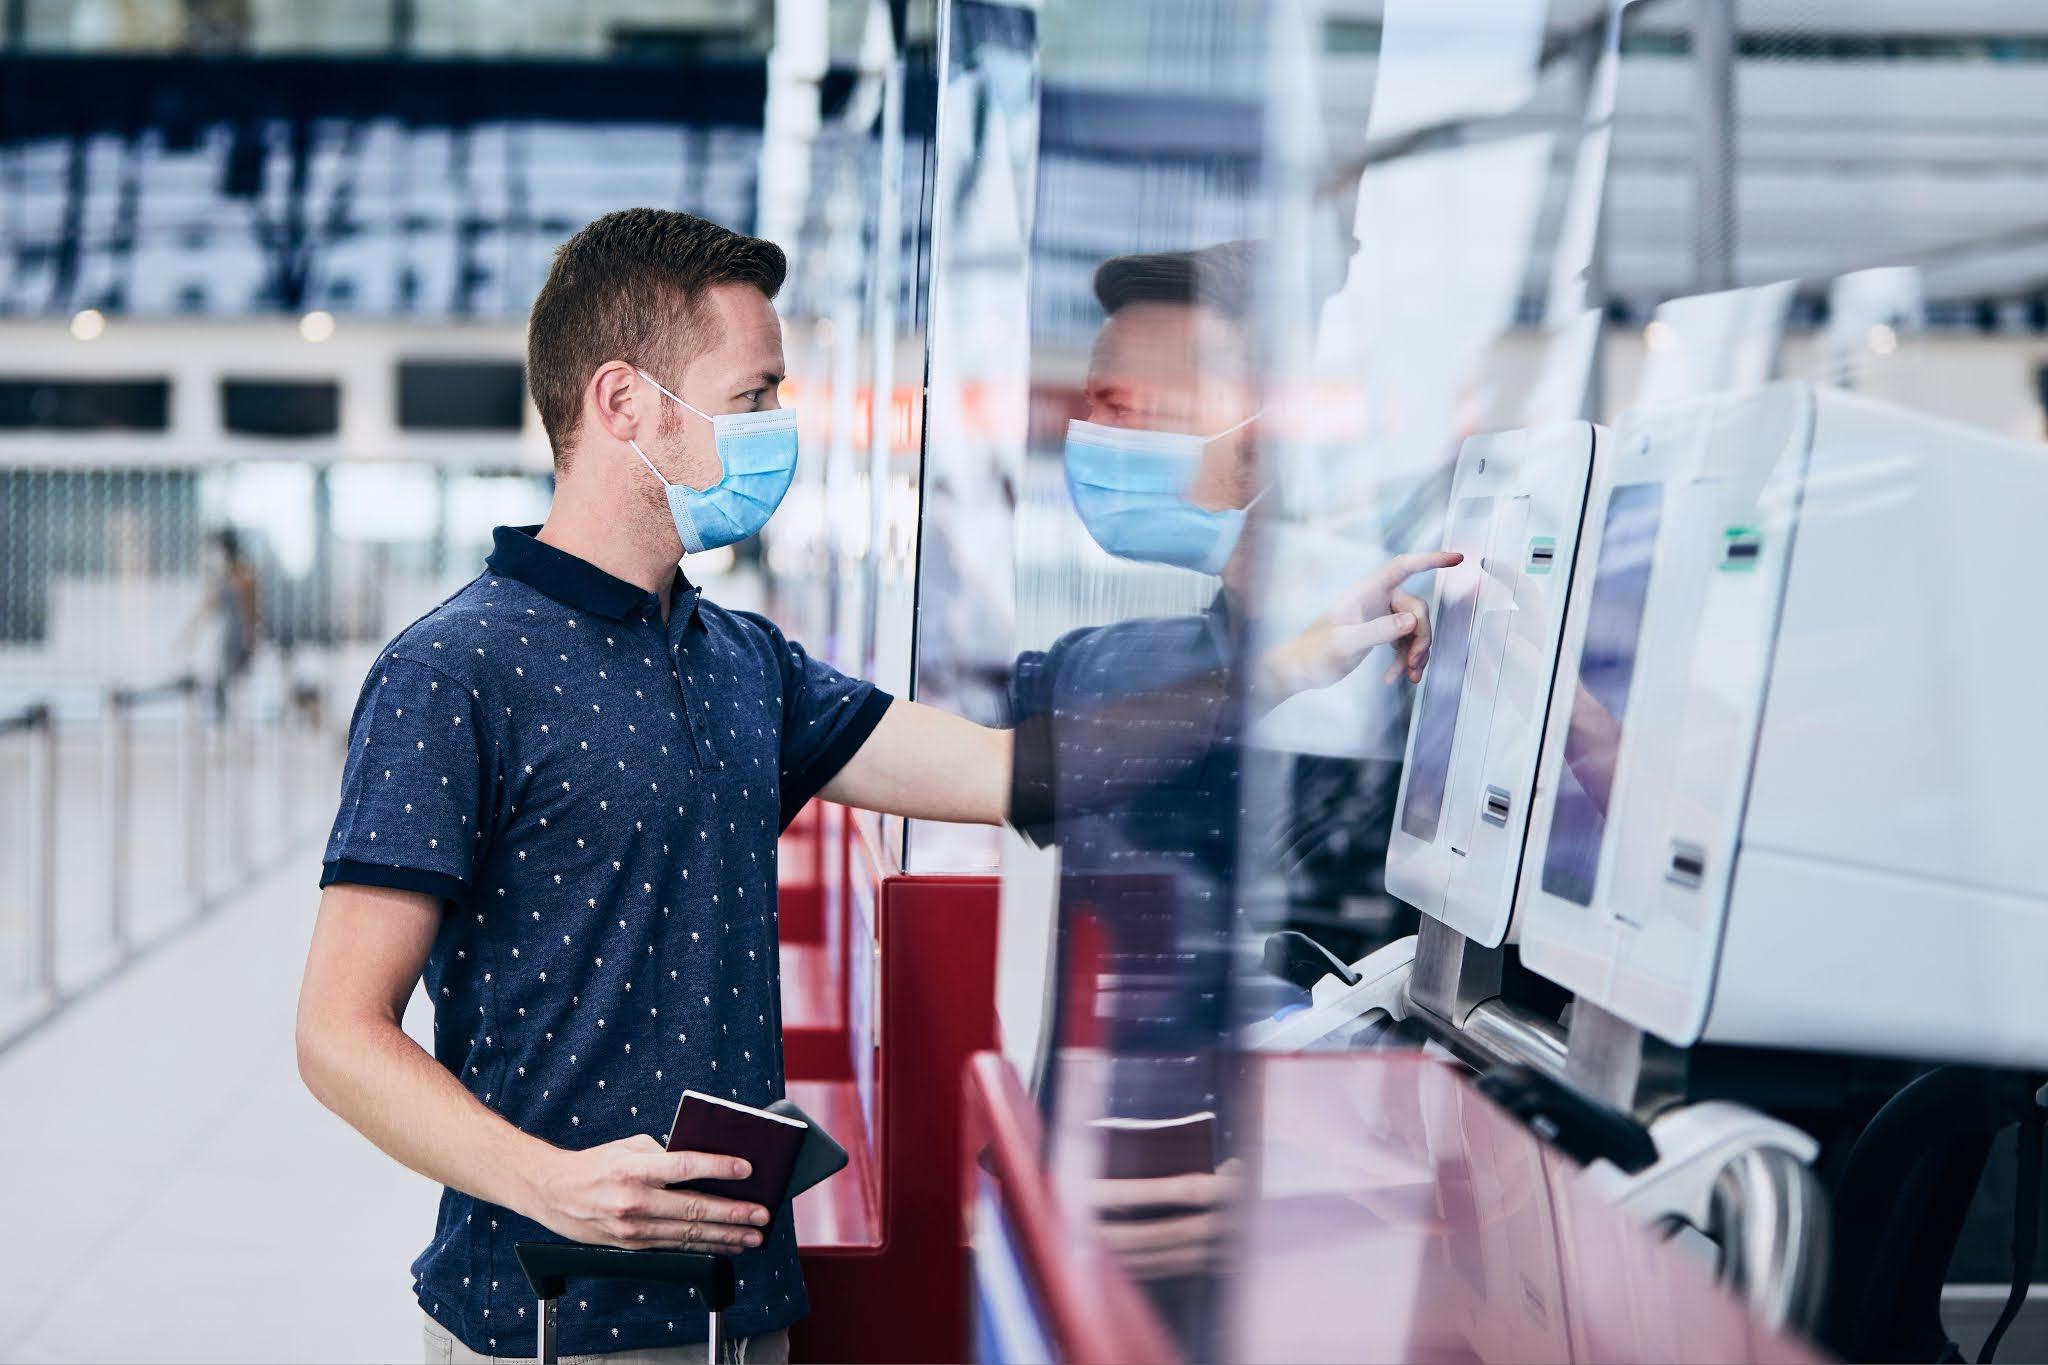 هيئة مطار airport الشارقة الدولي يعلن عن خدمات إجراءات السفر ذاتيا